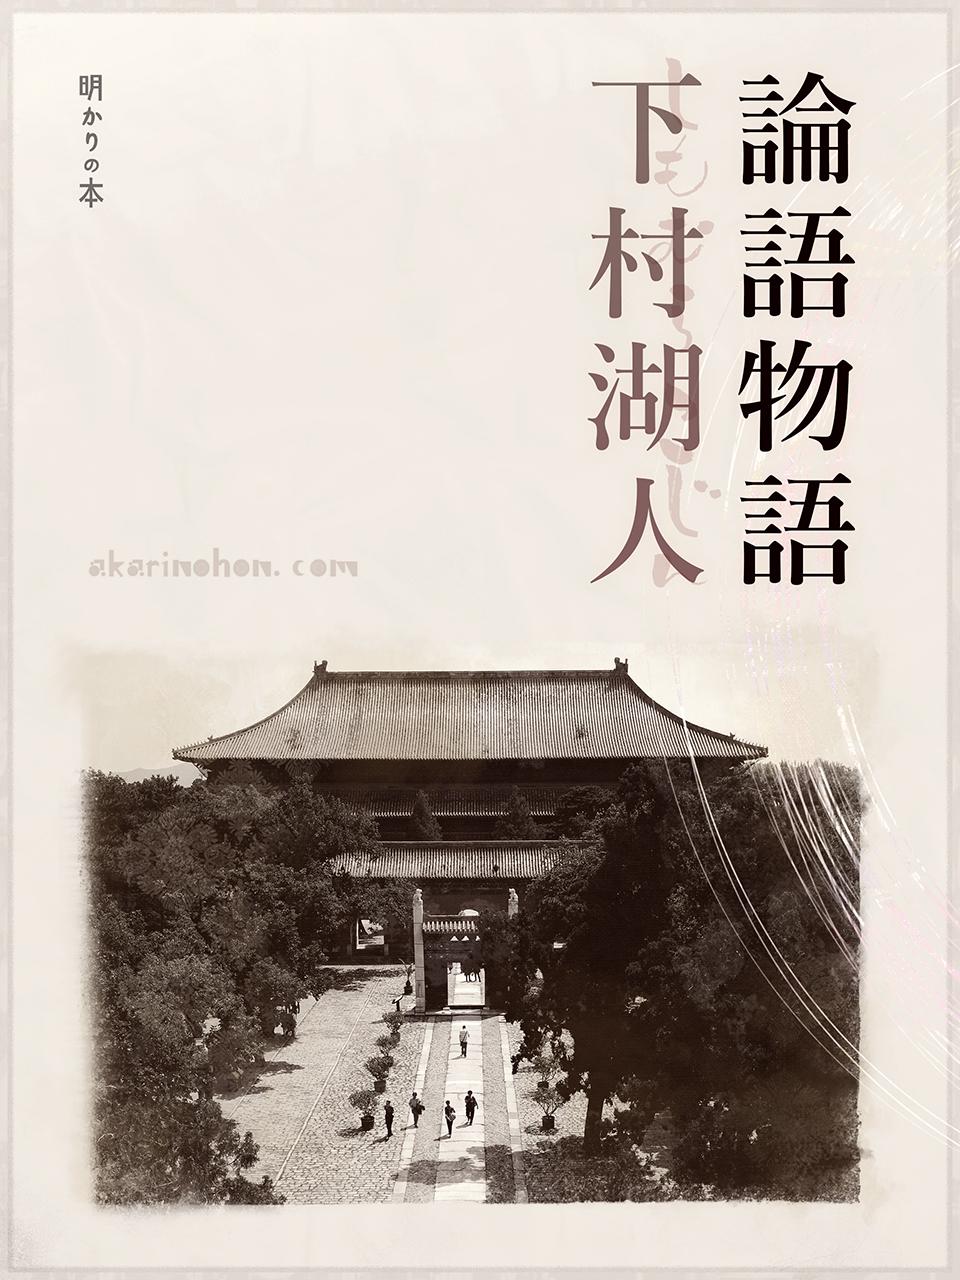 0000 - 論語物語(11) 下村湖人